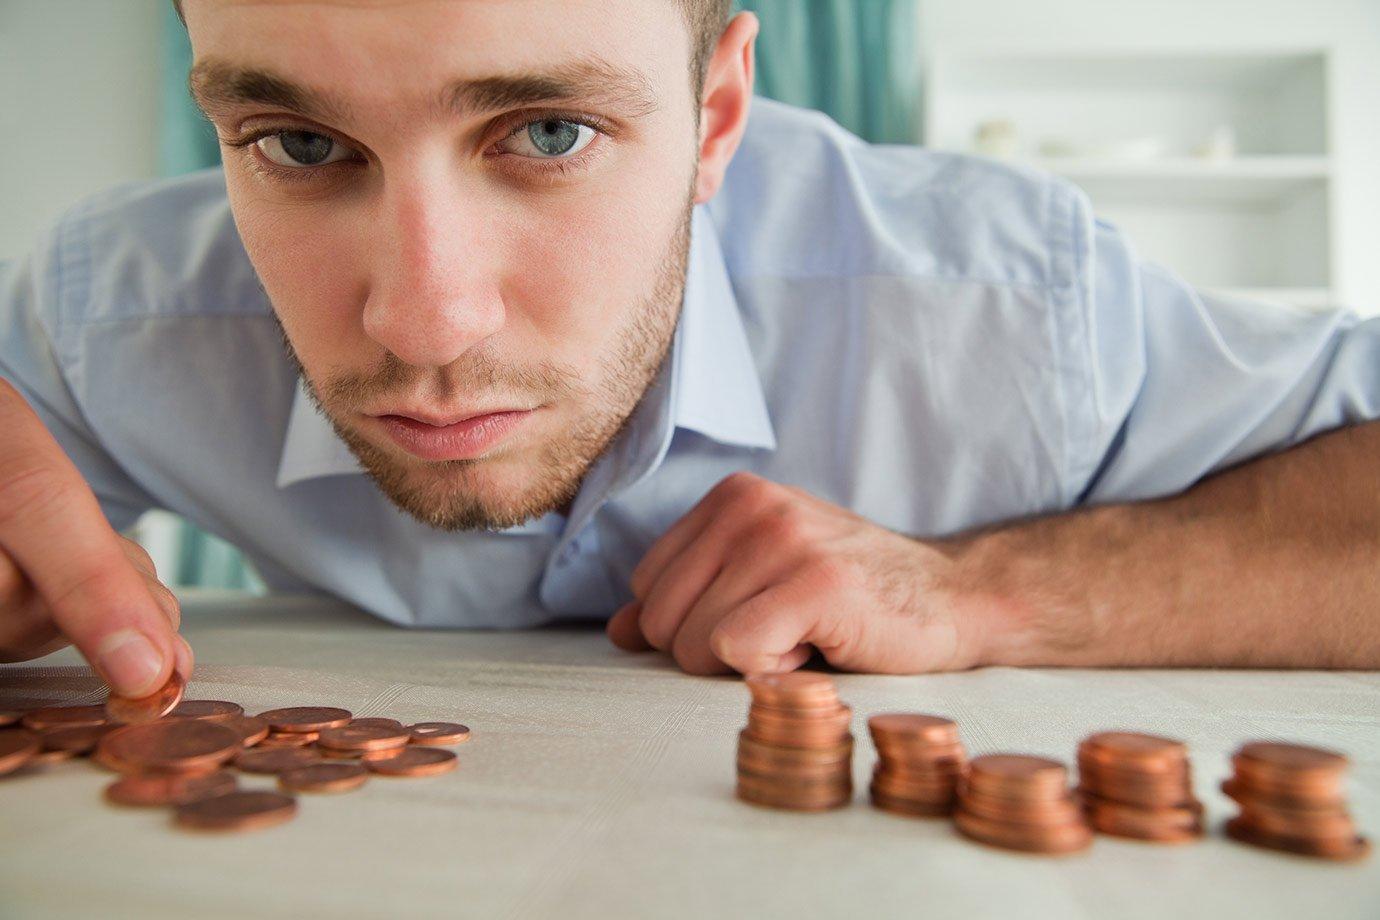 A reforma trabalhista permite reduzir a jornada com diminuição do salário? | Exame